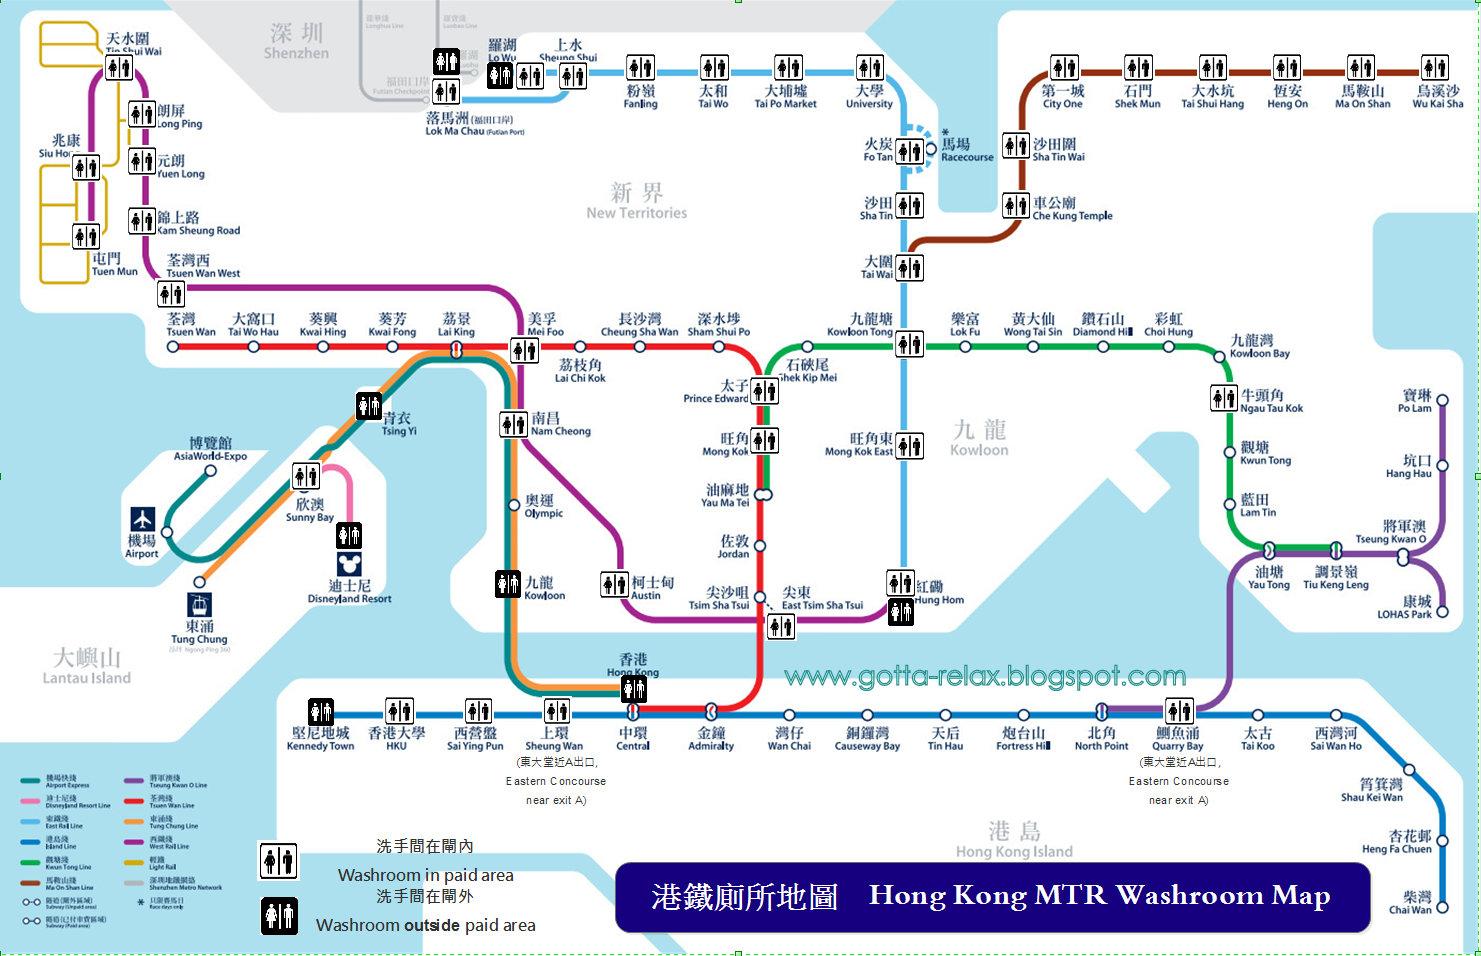 廣州深圳 地鐵 | [組圖+影片] 的最新詳盡資料** (必看!!) - www.go2tutor.com